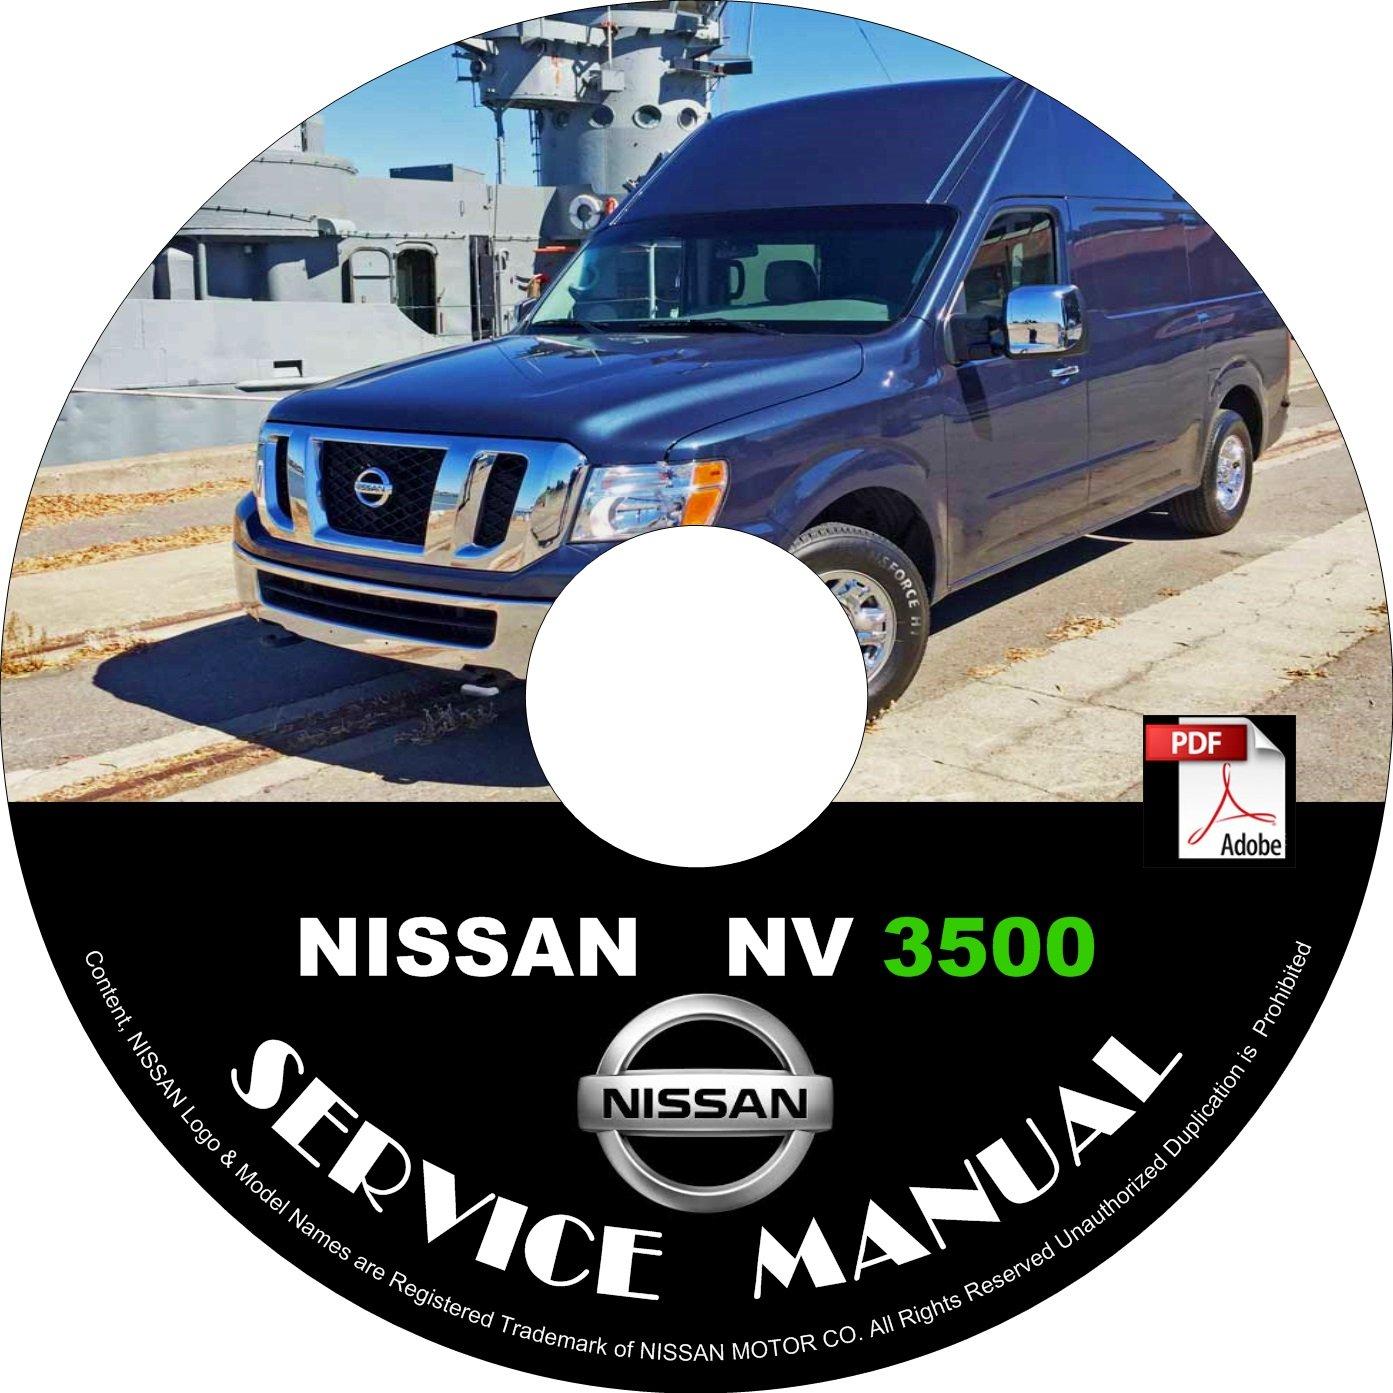 2012 Nissan NV 3500 Factory Service Repair Shop Manual on CD Fix Repair Rebuild '12 Workshop Guide